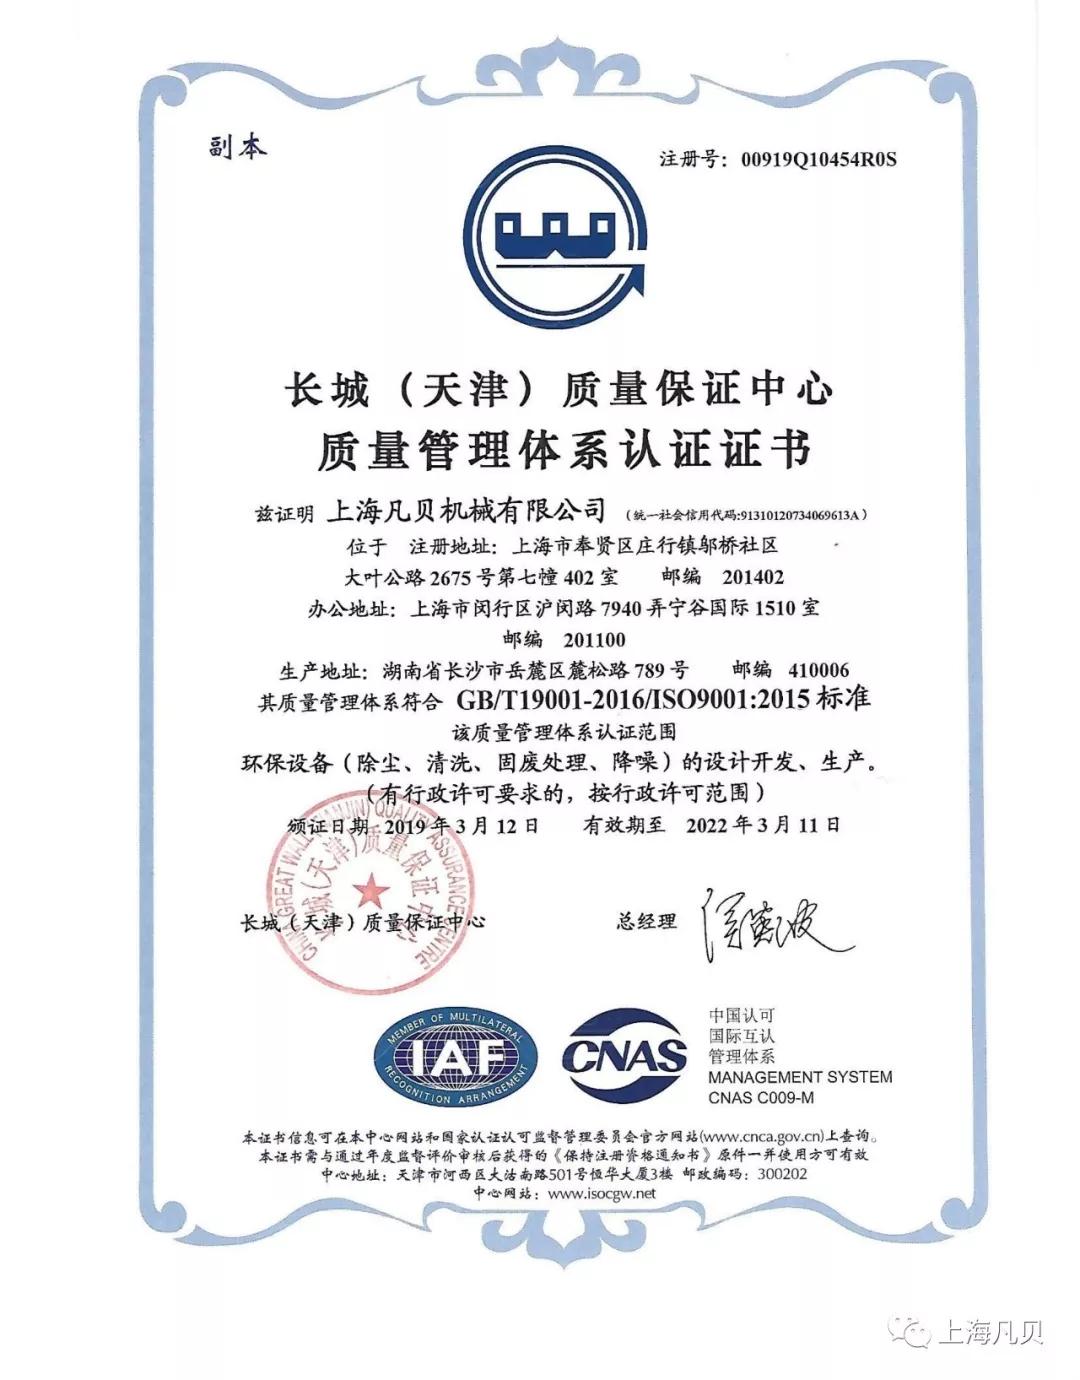 全球认证来了|国际质量水准!上海凡贝荣获质量管理体系认证证书